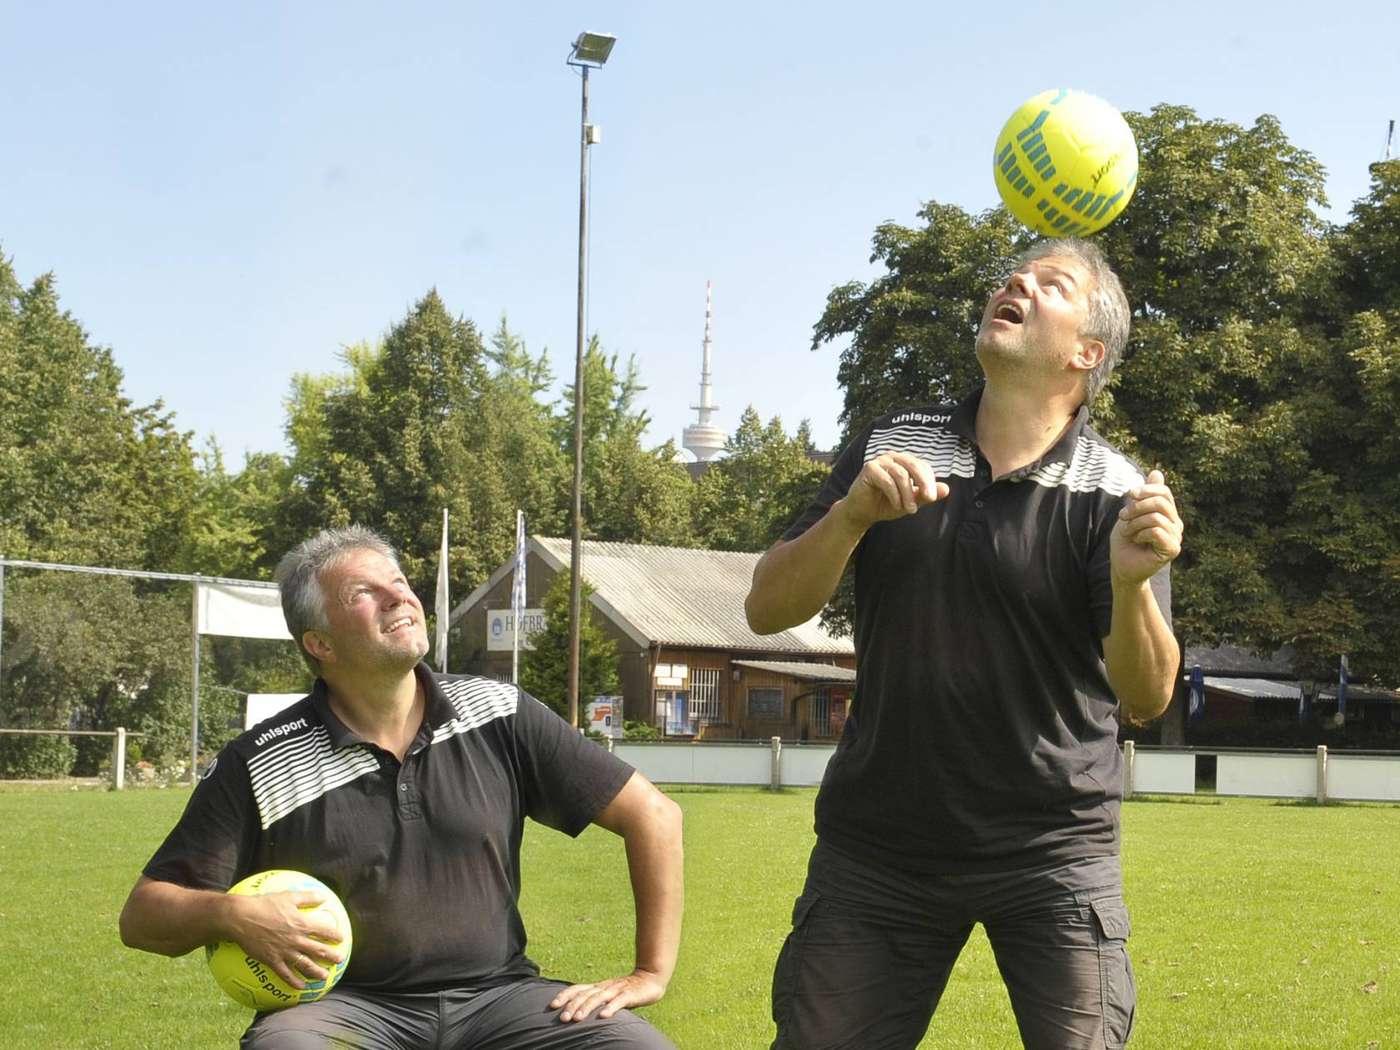 Der geteilte Fußball – brauchen wir einen eigenen Amateurverband?